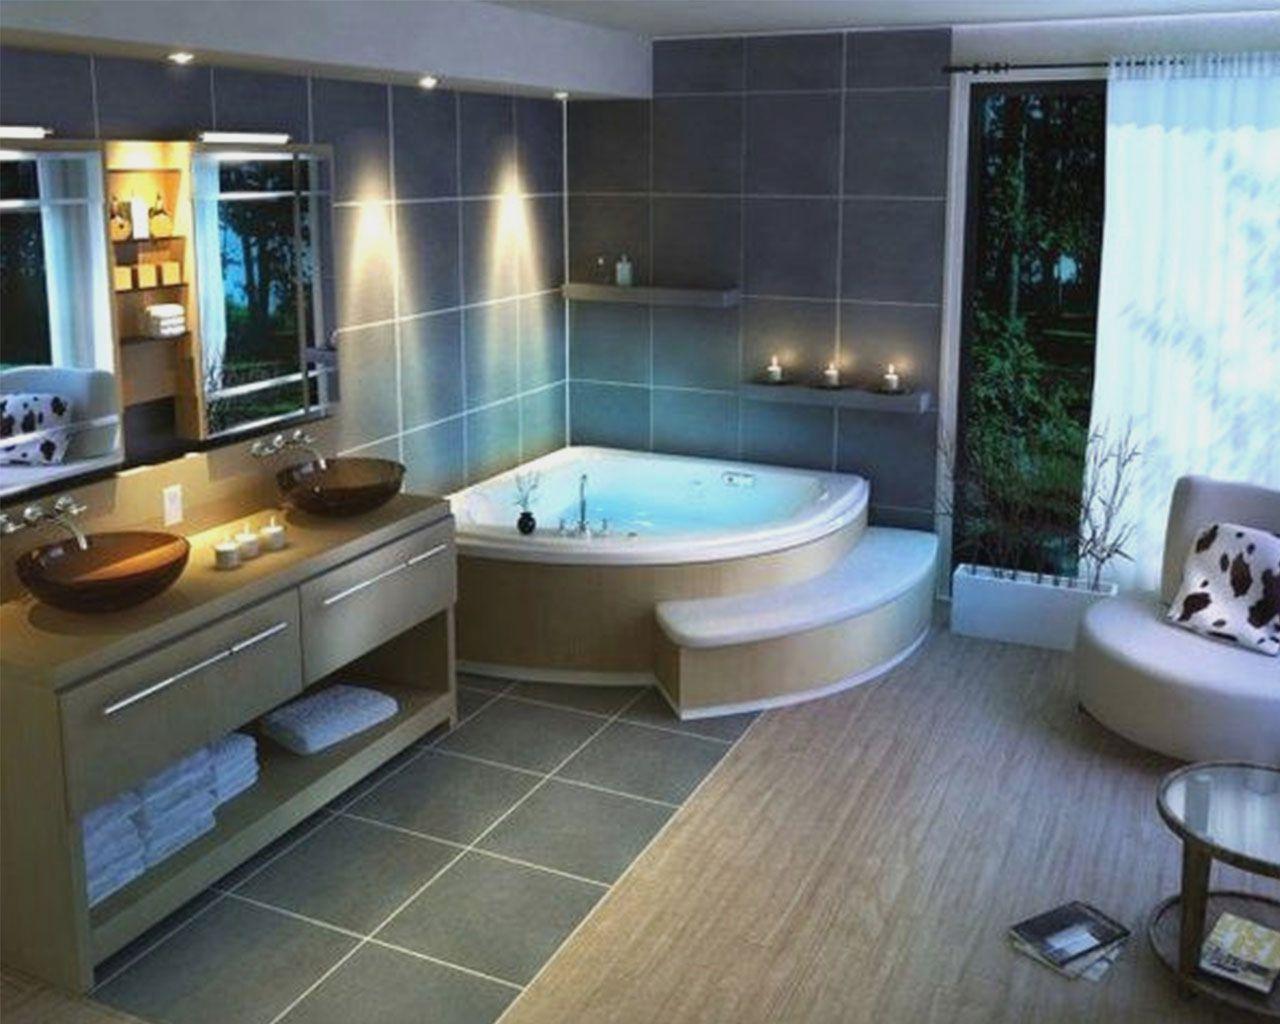 Pin Oleh Putri Ratna Di Home Beautiful And Design Bathroom Modern - Best-bathrooms